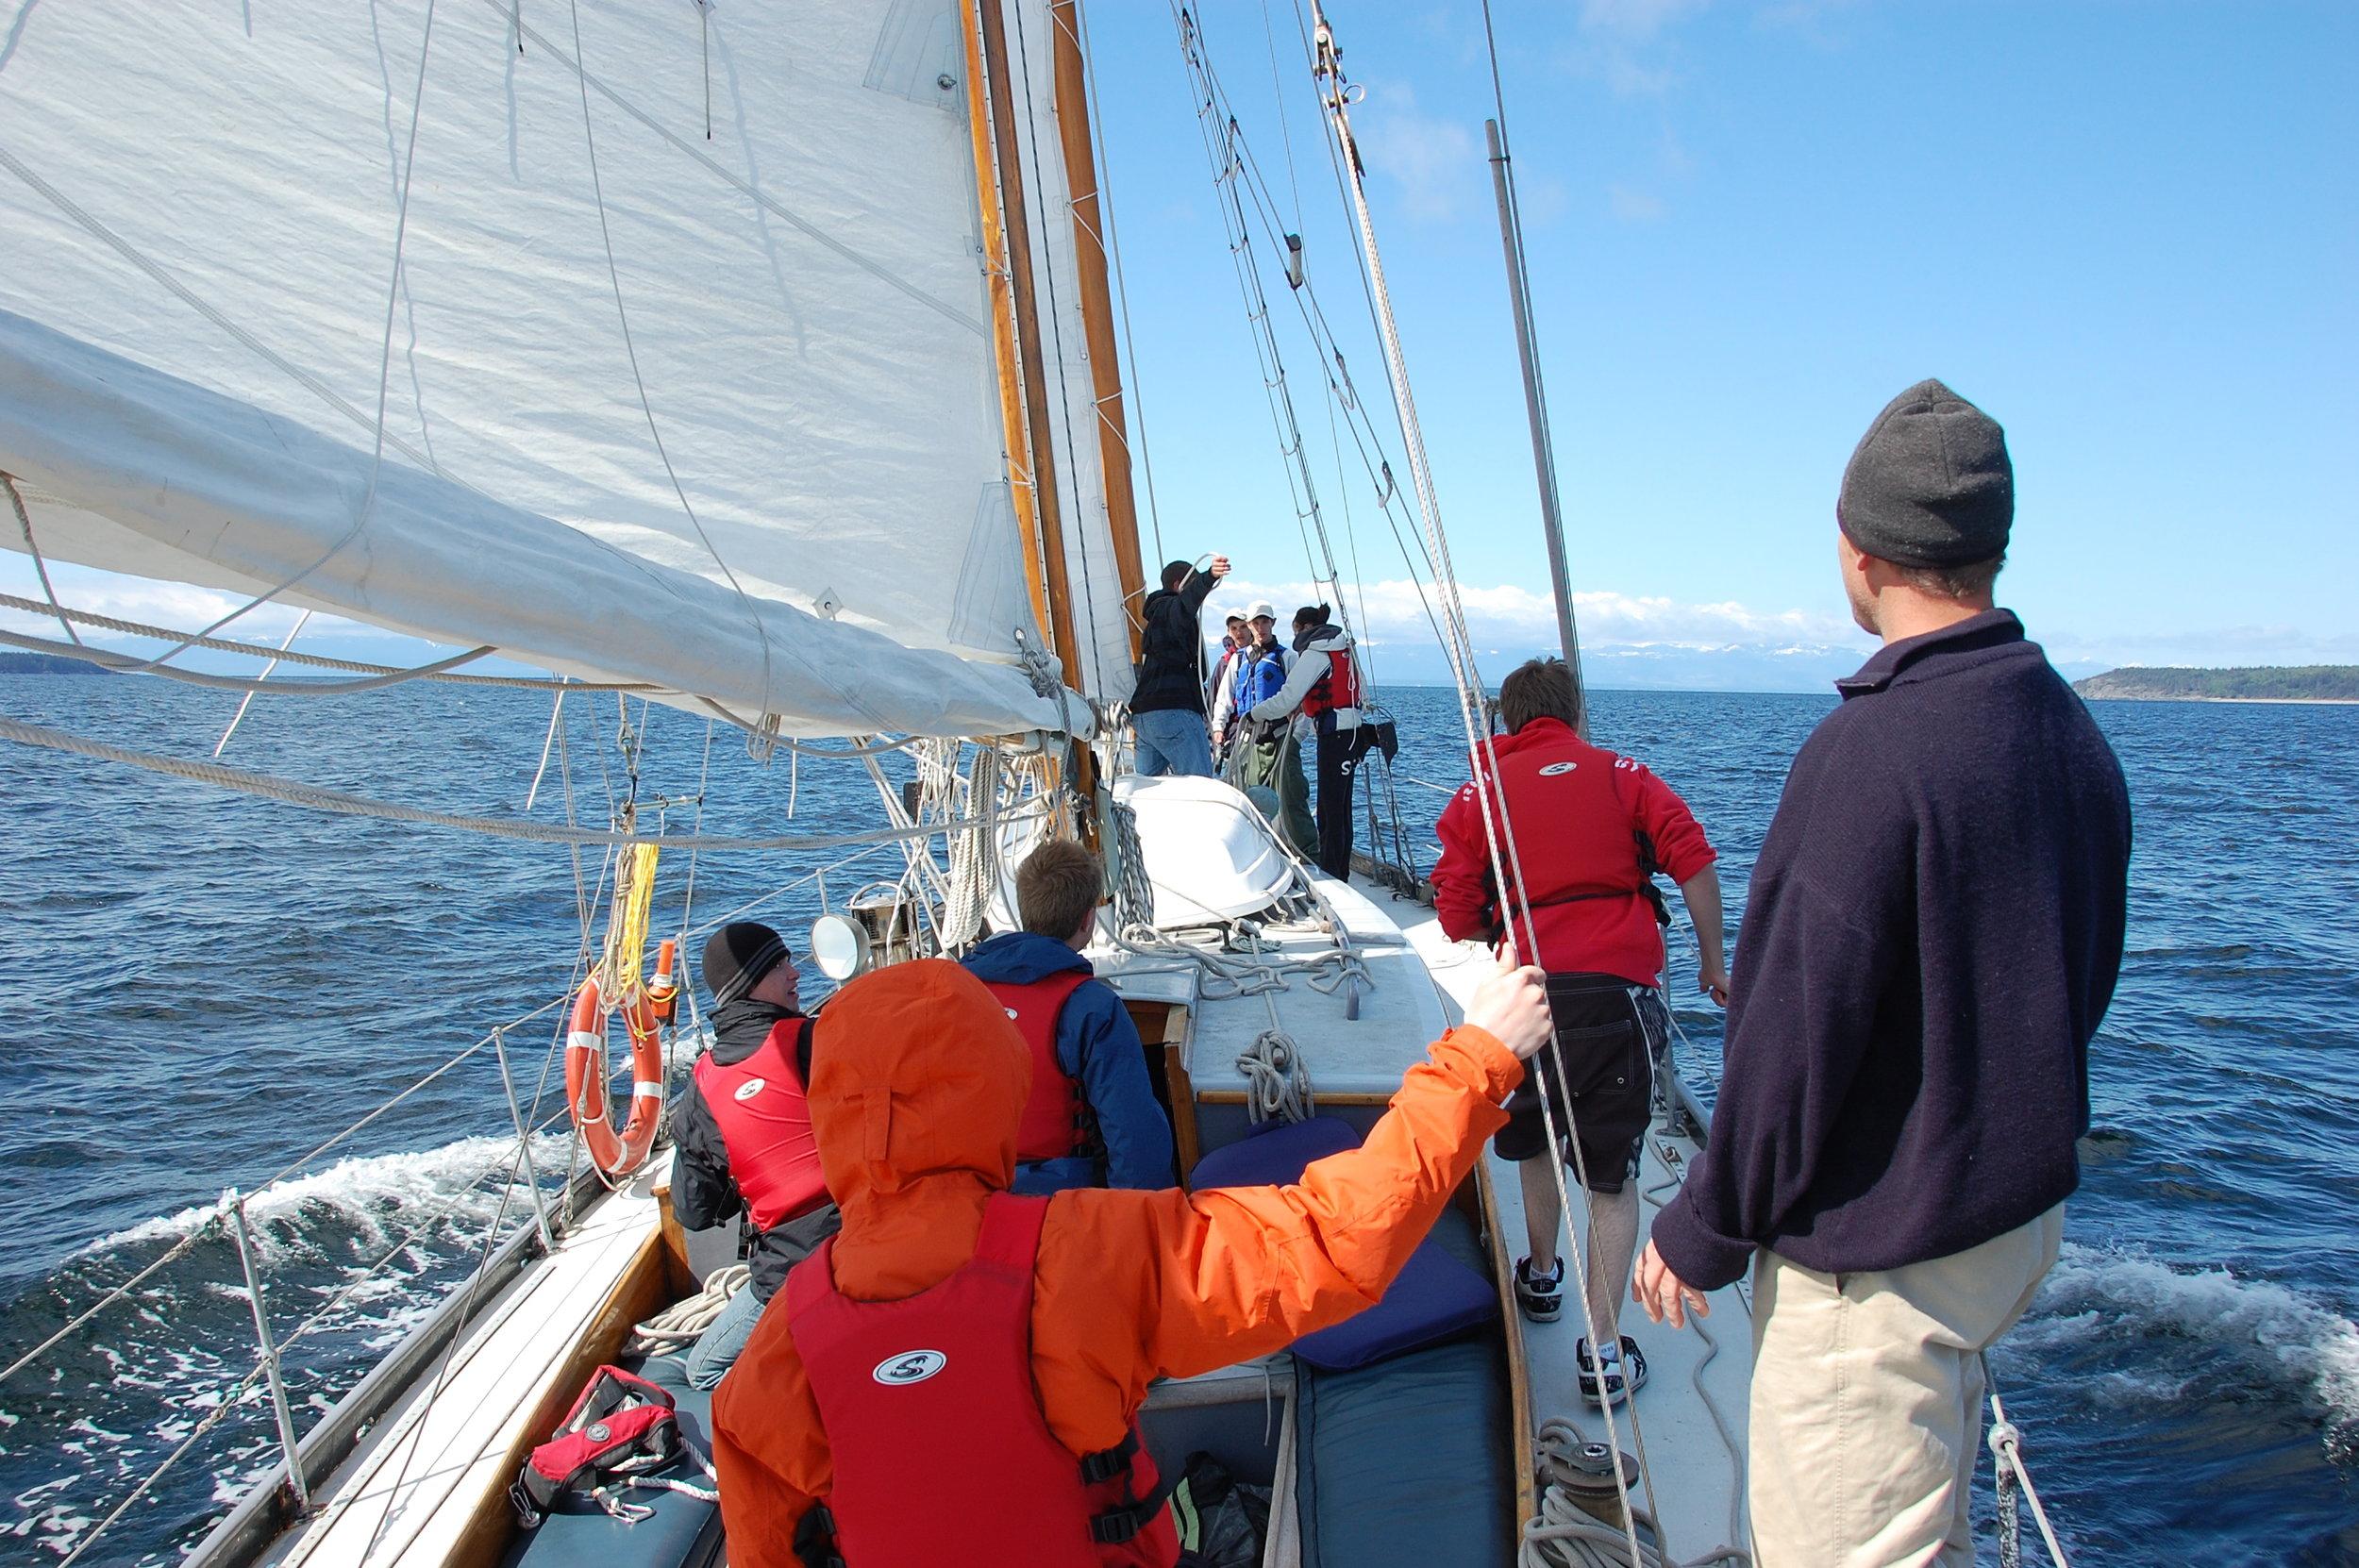 Exploring the Salish Sea aboard a 53' Schooner